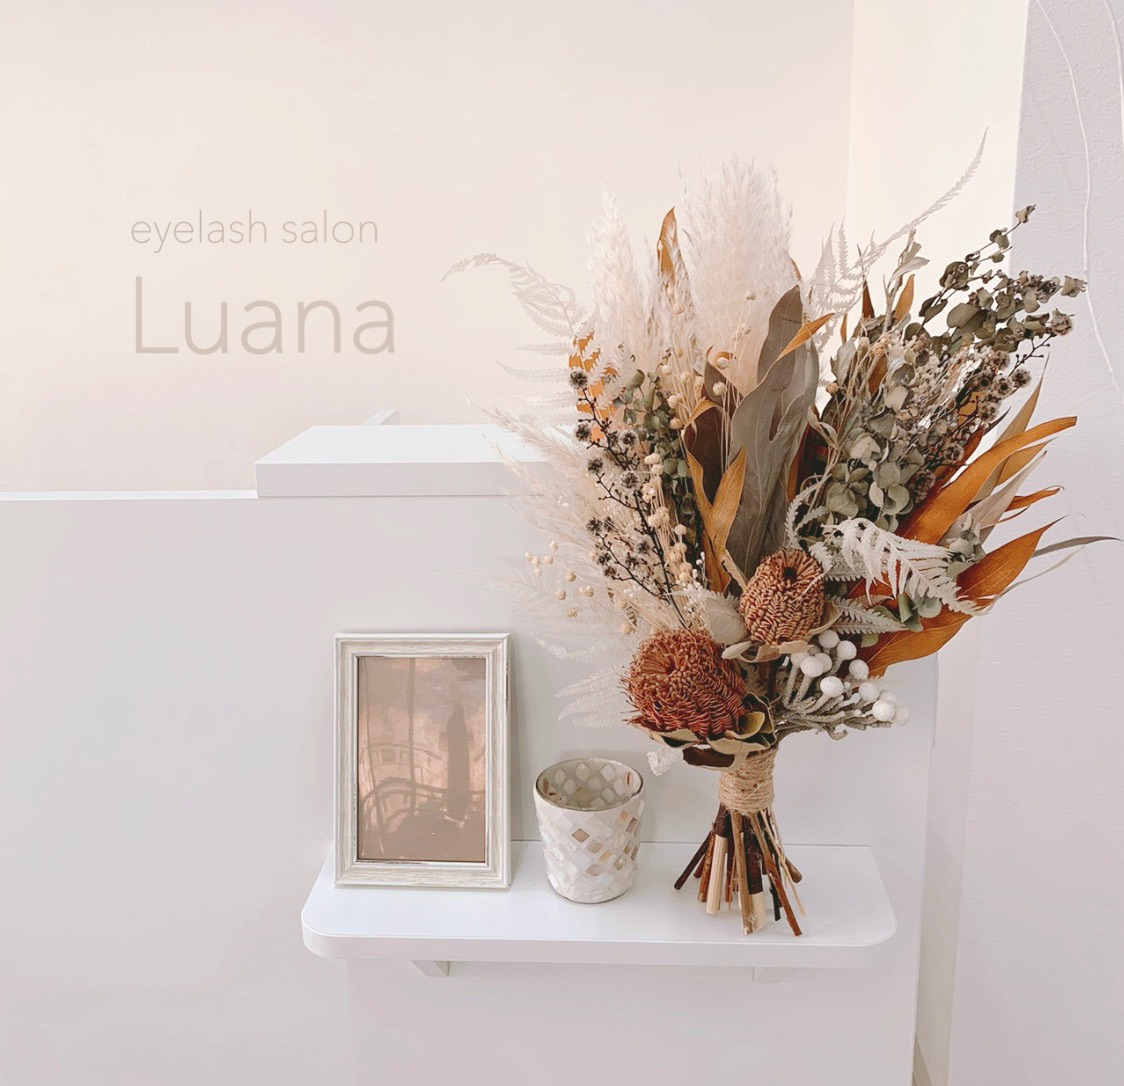 eyelash salon Luana by n hair